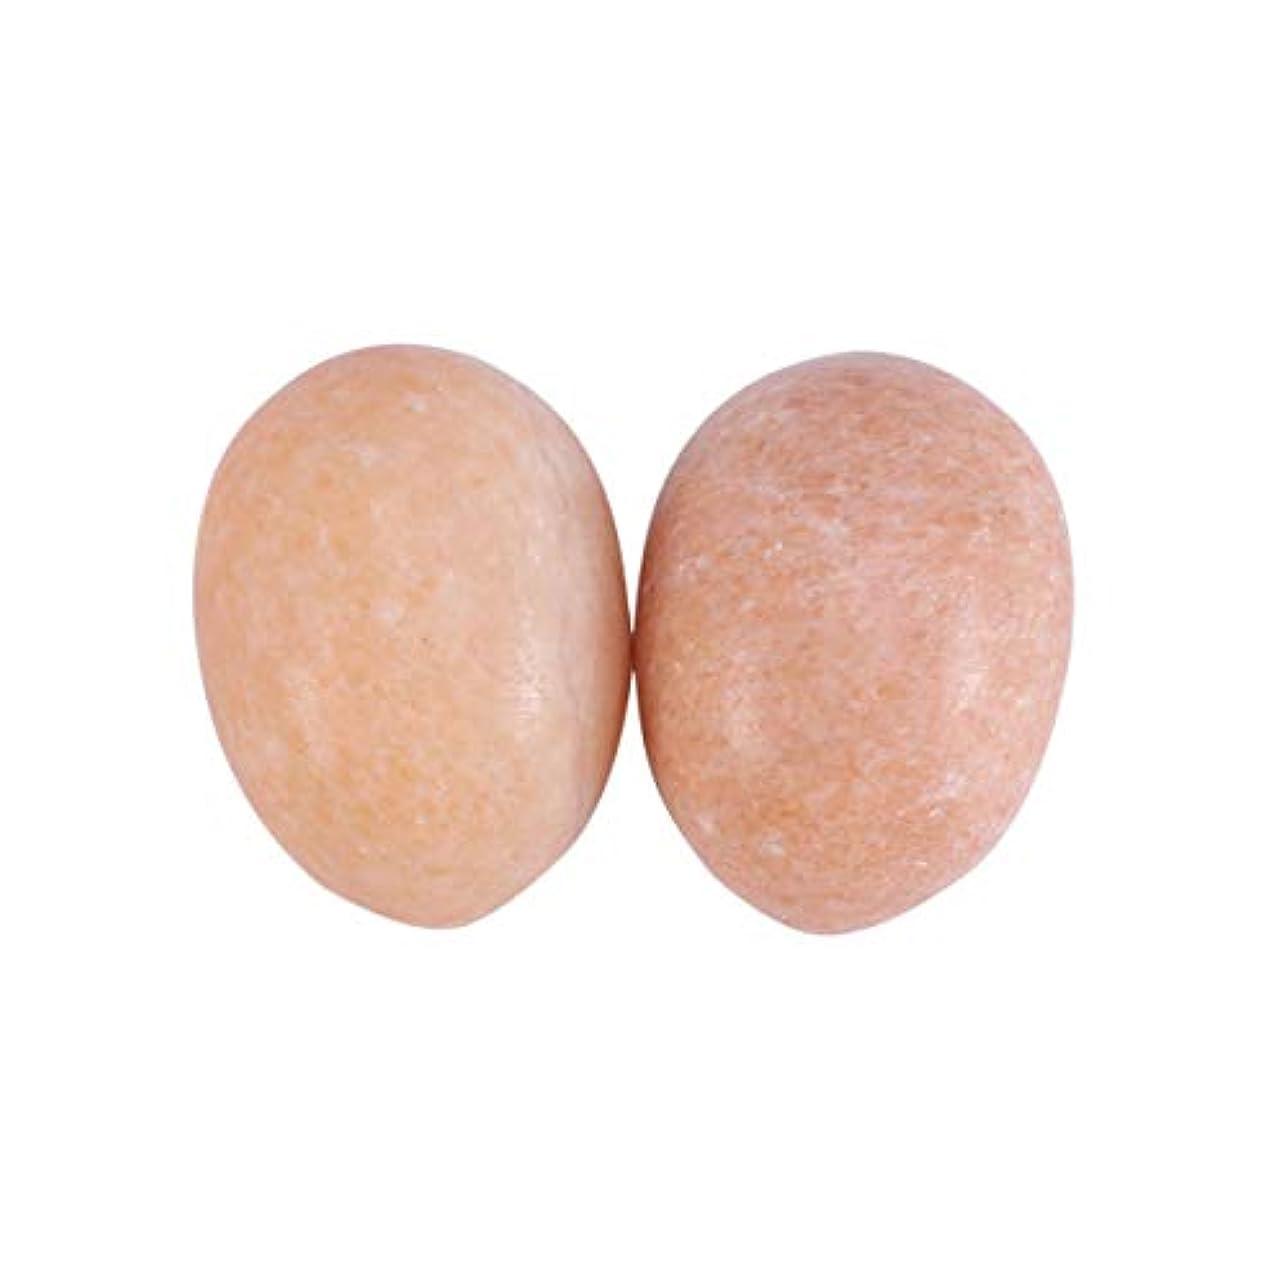 ふくろう生じる個人的にSUPVOX ヨニ卵女性PC筋力トレーニング運動器具運動初心者用女性6本(夕焼け赤卵)